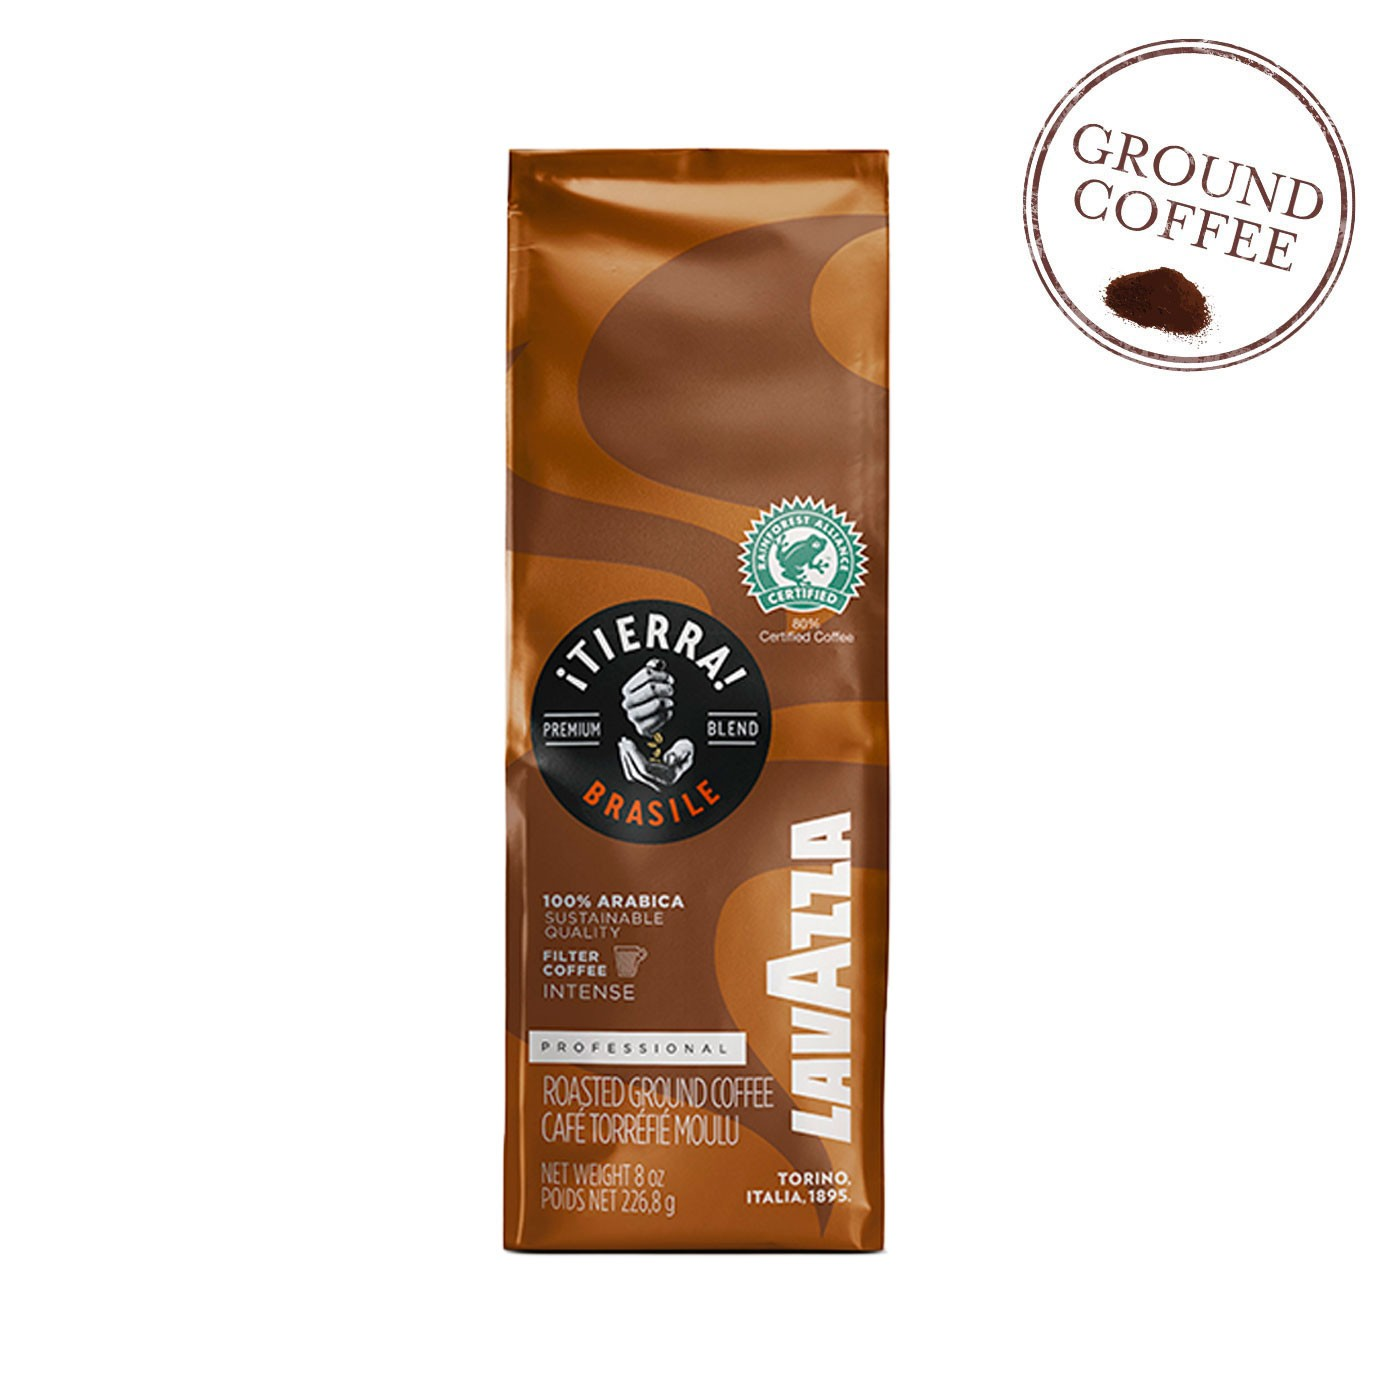 ¡Tierra! Brazil Ground Coffee 8.8 oz